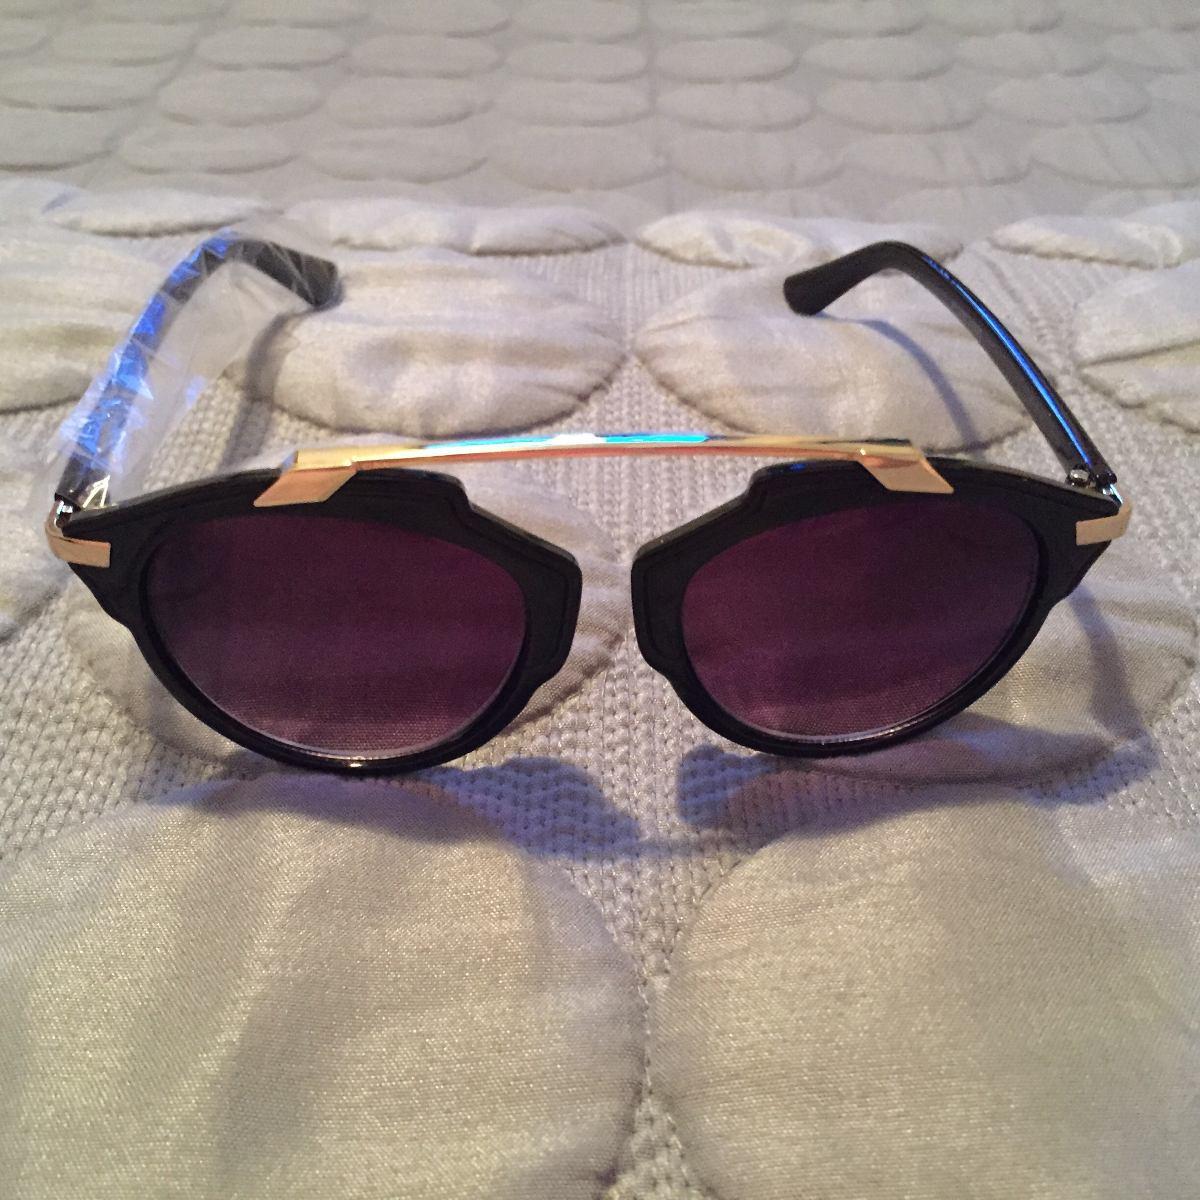 1d19018daead0 Comprar Oculos Illesteva   City of Kenmore, Washington